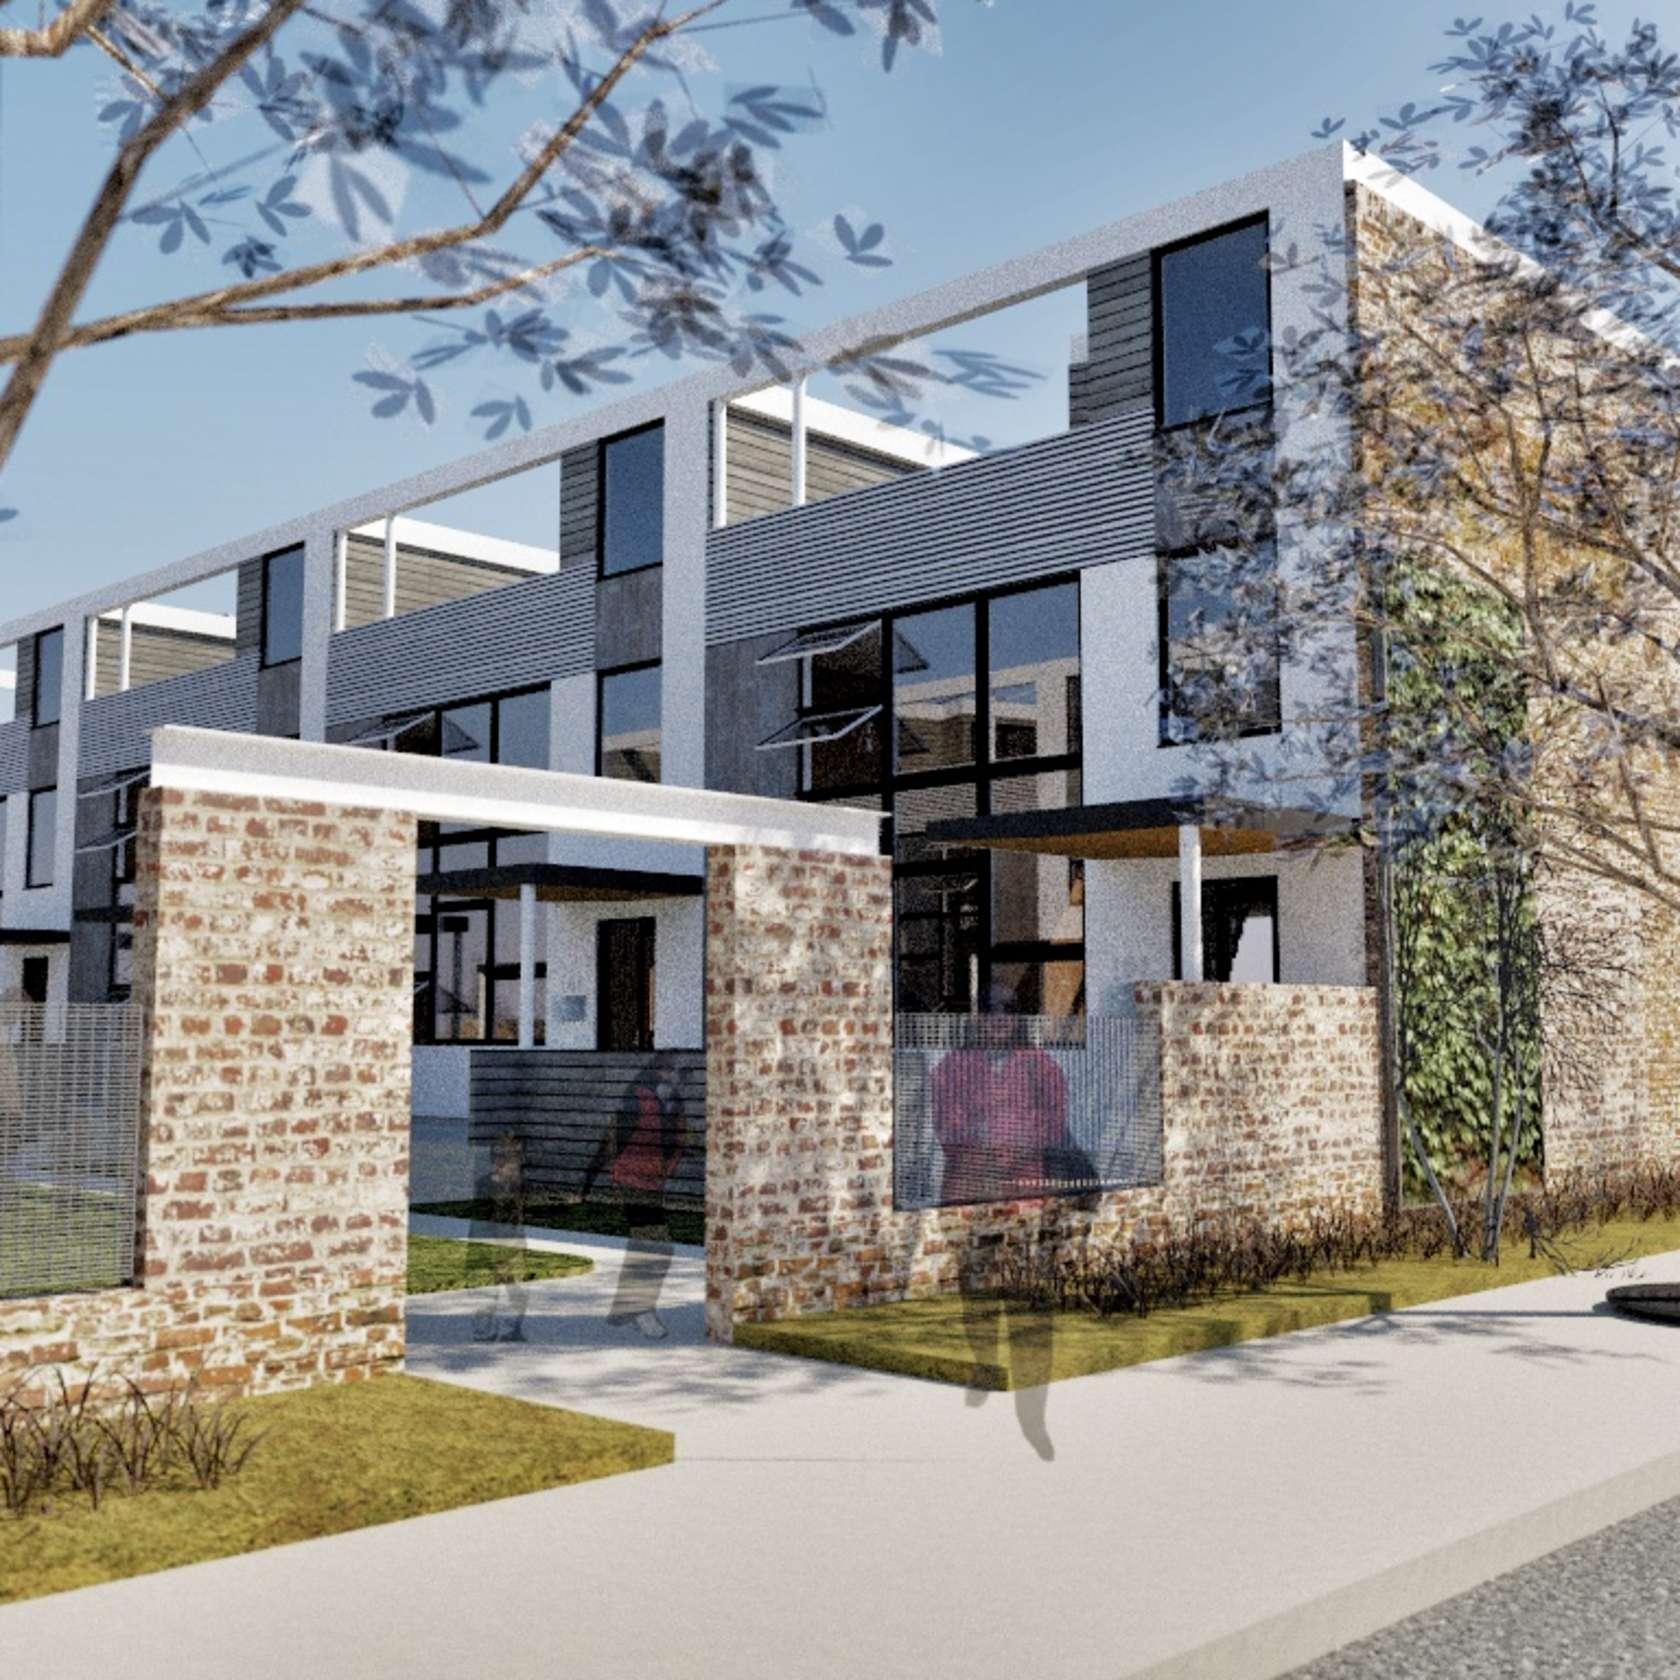 n bethel green housing